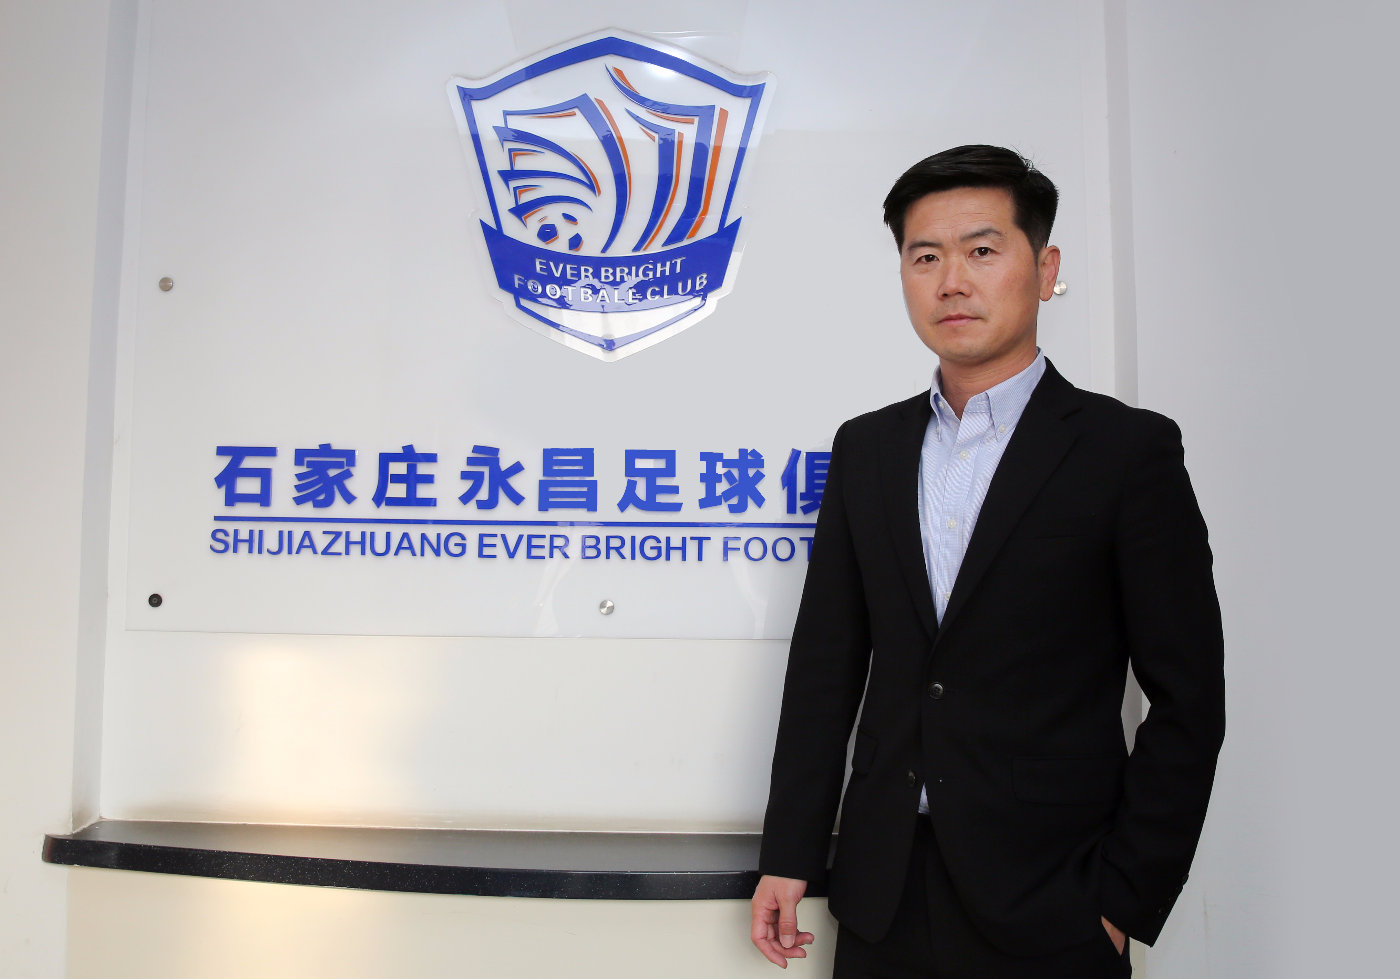 肇俊哲担任石家庄永昌足球俱乐部总经理